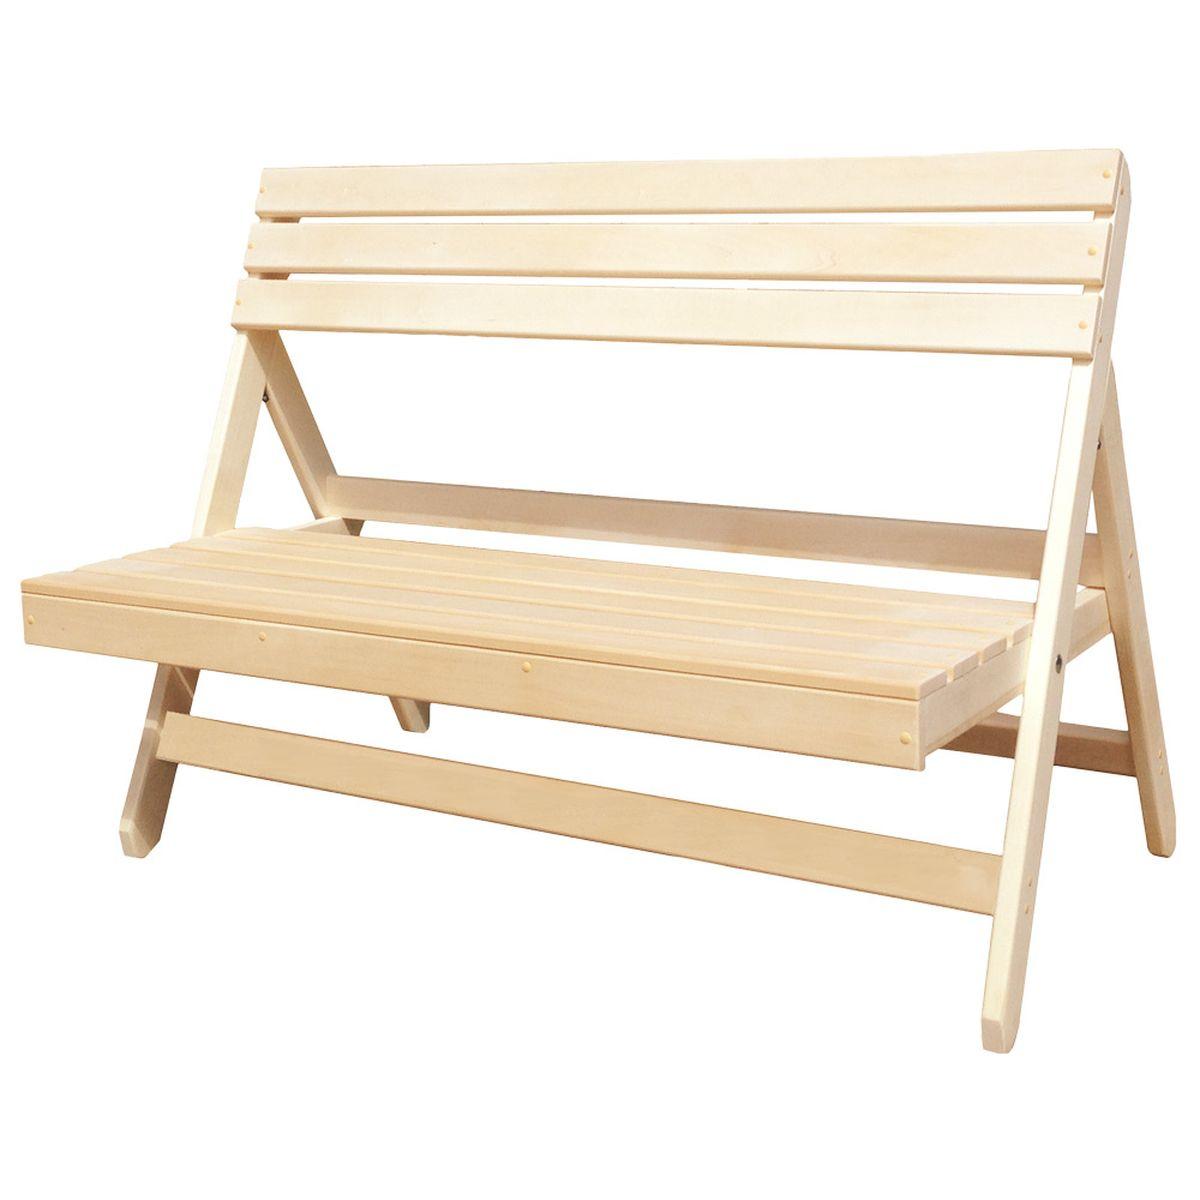 """Складная скамейка """"Банные штучки"""", выполненная из дерева, идеально подойдет для благоустройства дачного или садового участка, прекрасно впишется в интерьер дома, бани или сауны. За счет своего небольшого размера она займет мало места в багажнике, поэтому ее можно взять с собой на природу."""